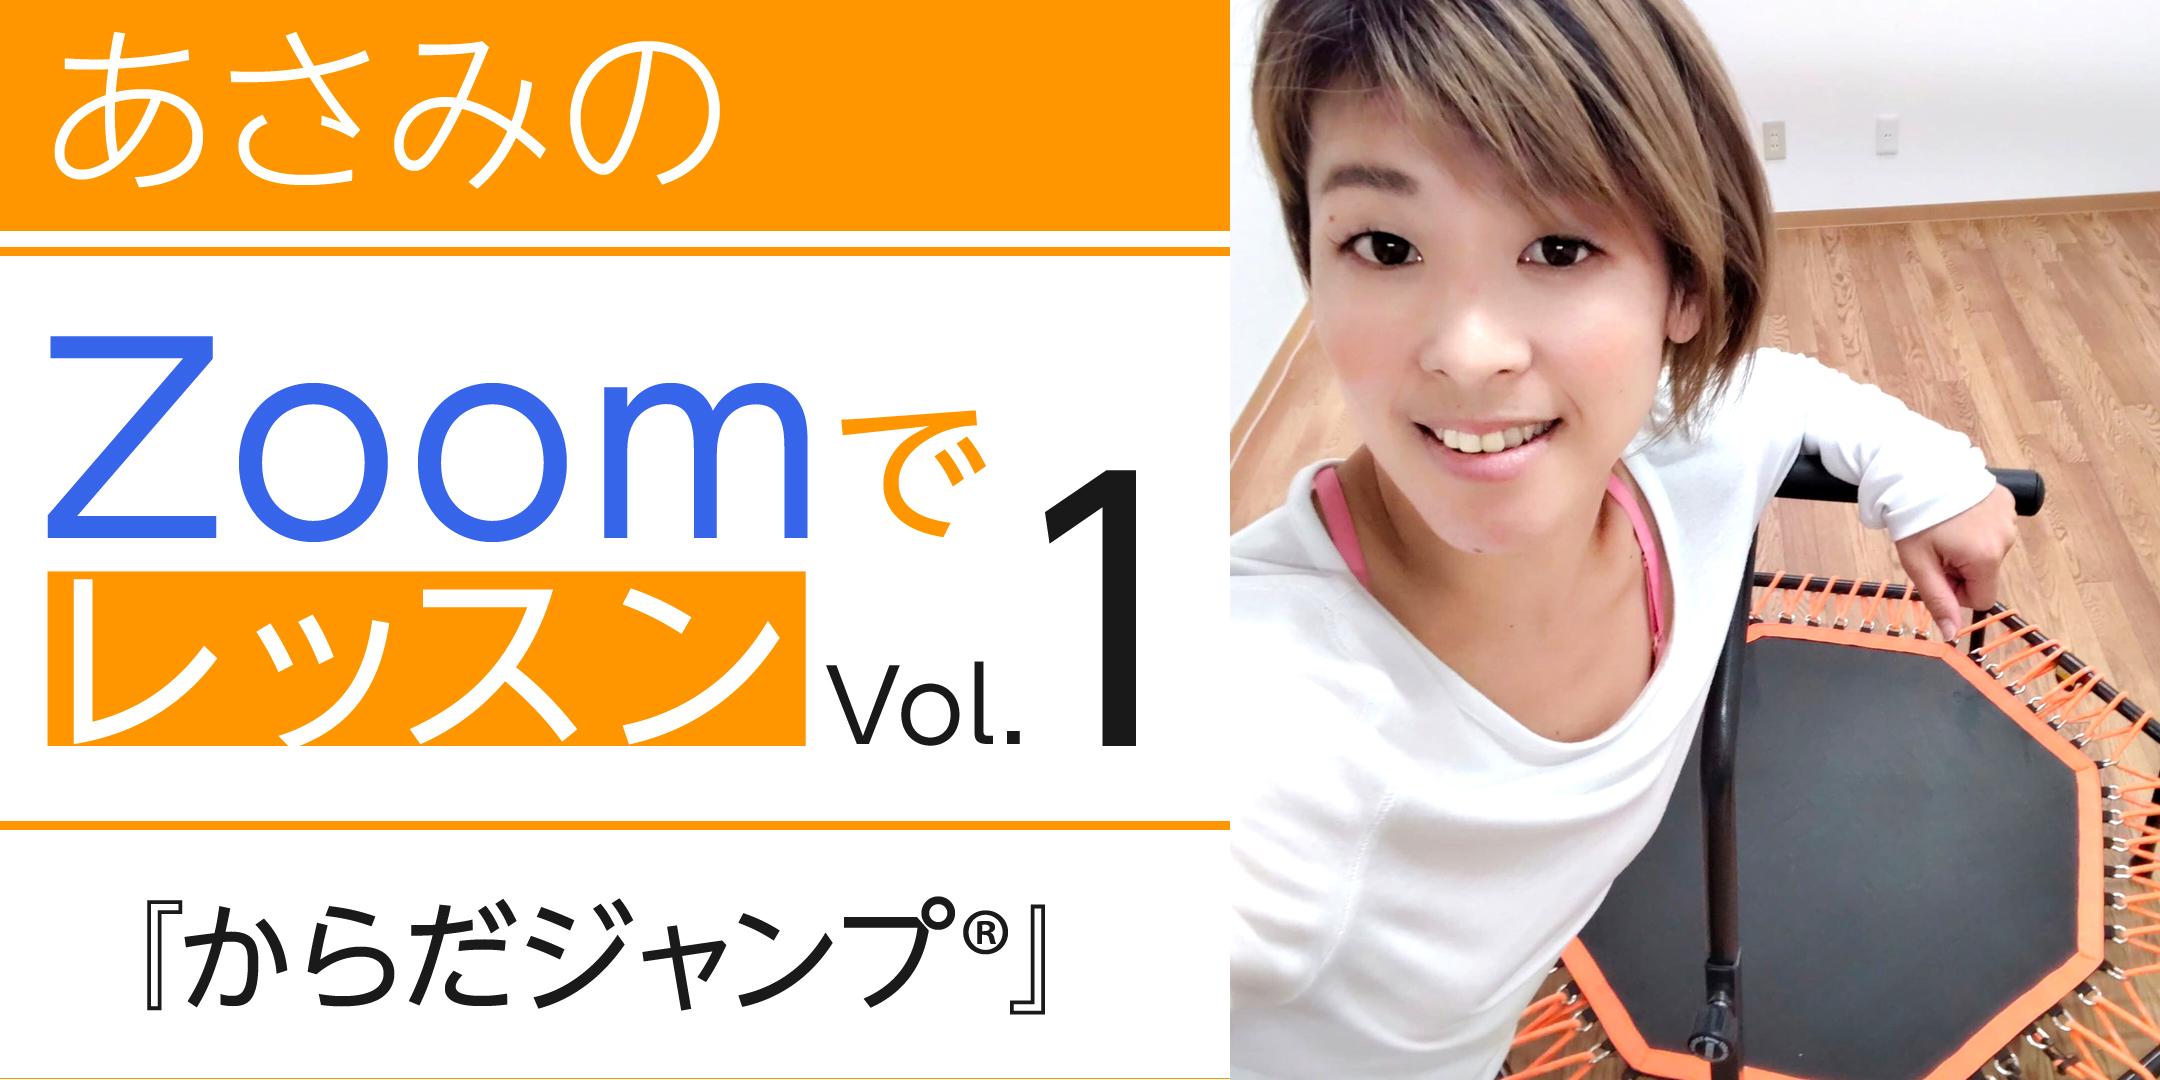 ZoomVol.1 からだジャンプ🄬